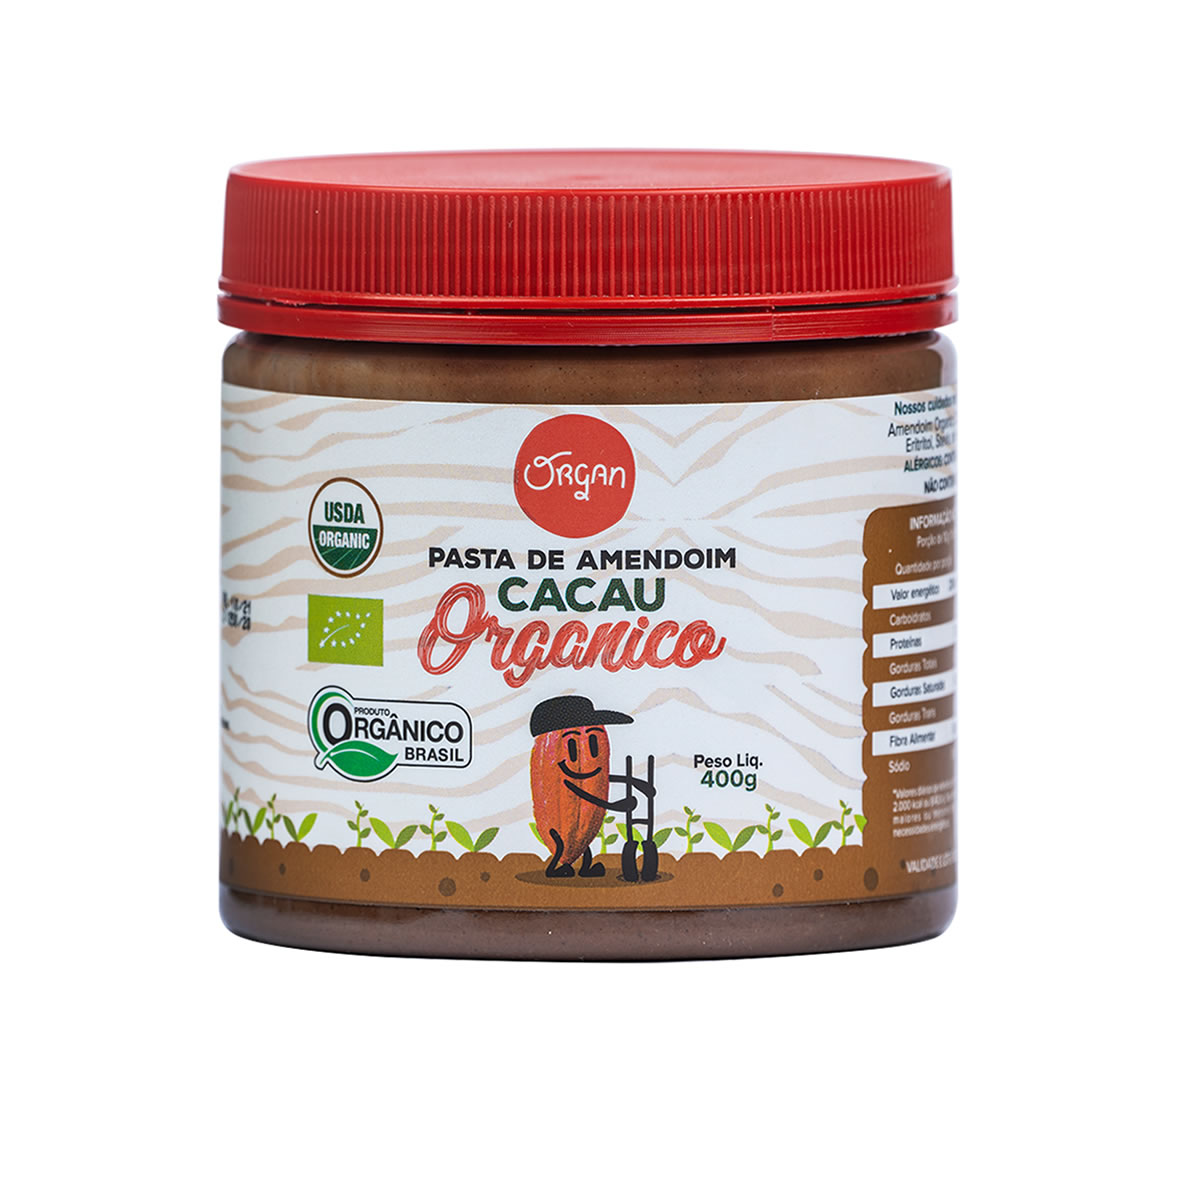 Pasta de Amendoim de Cacau Orgânico 400g - Organ